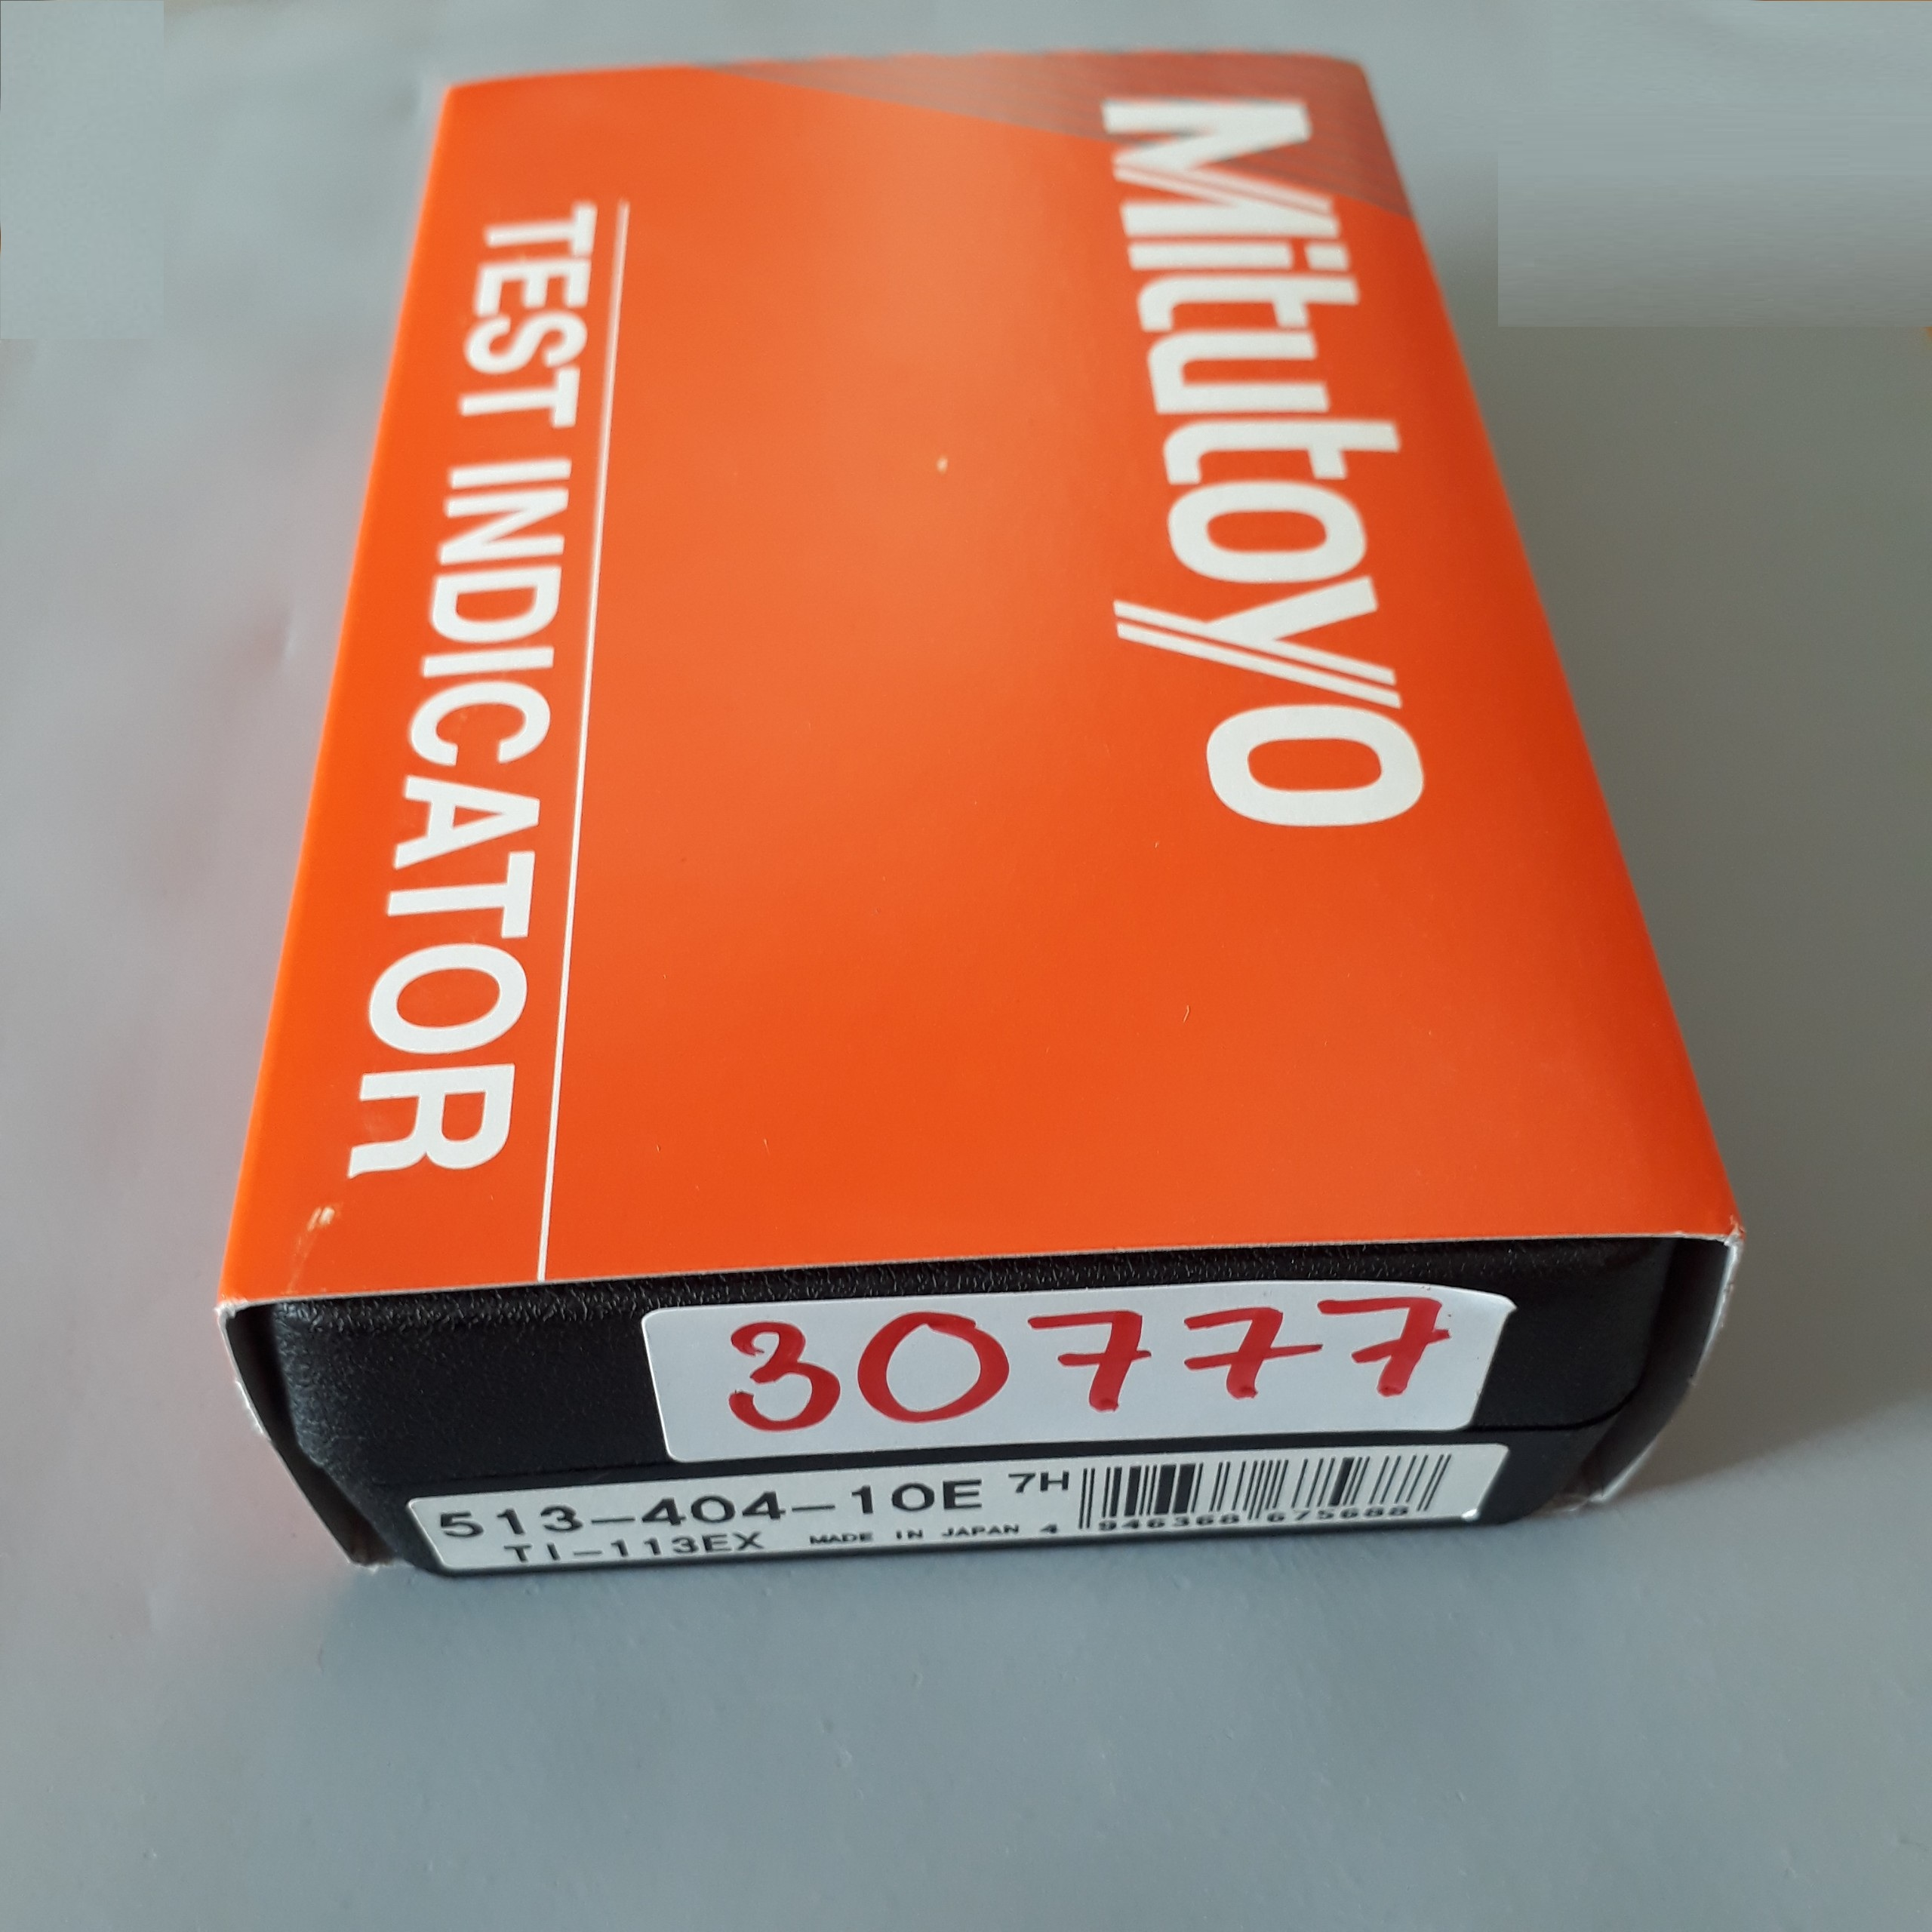 Đồng hồ so chân gập 0-0.8mm/0.01mm  513-404-10E Mitutoyo